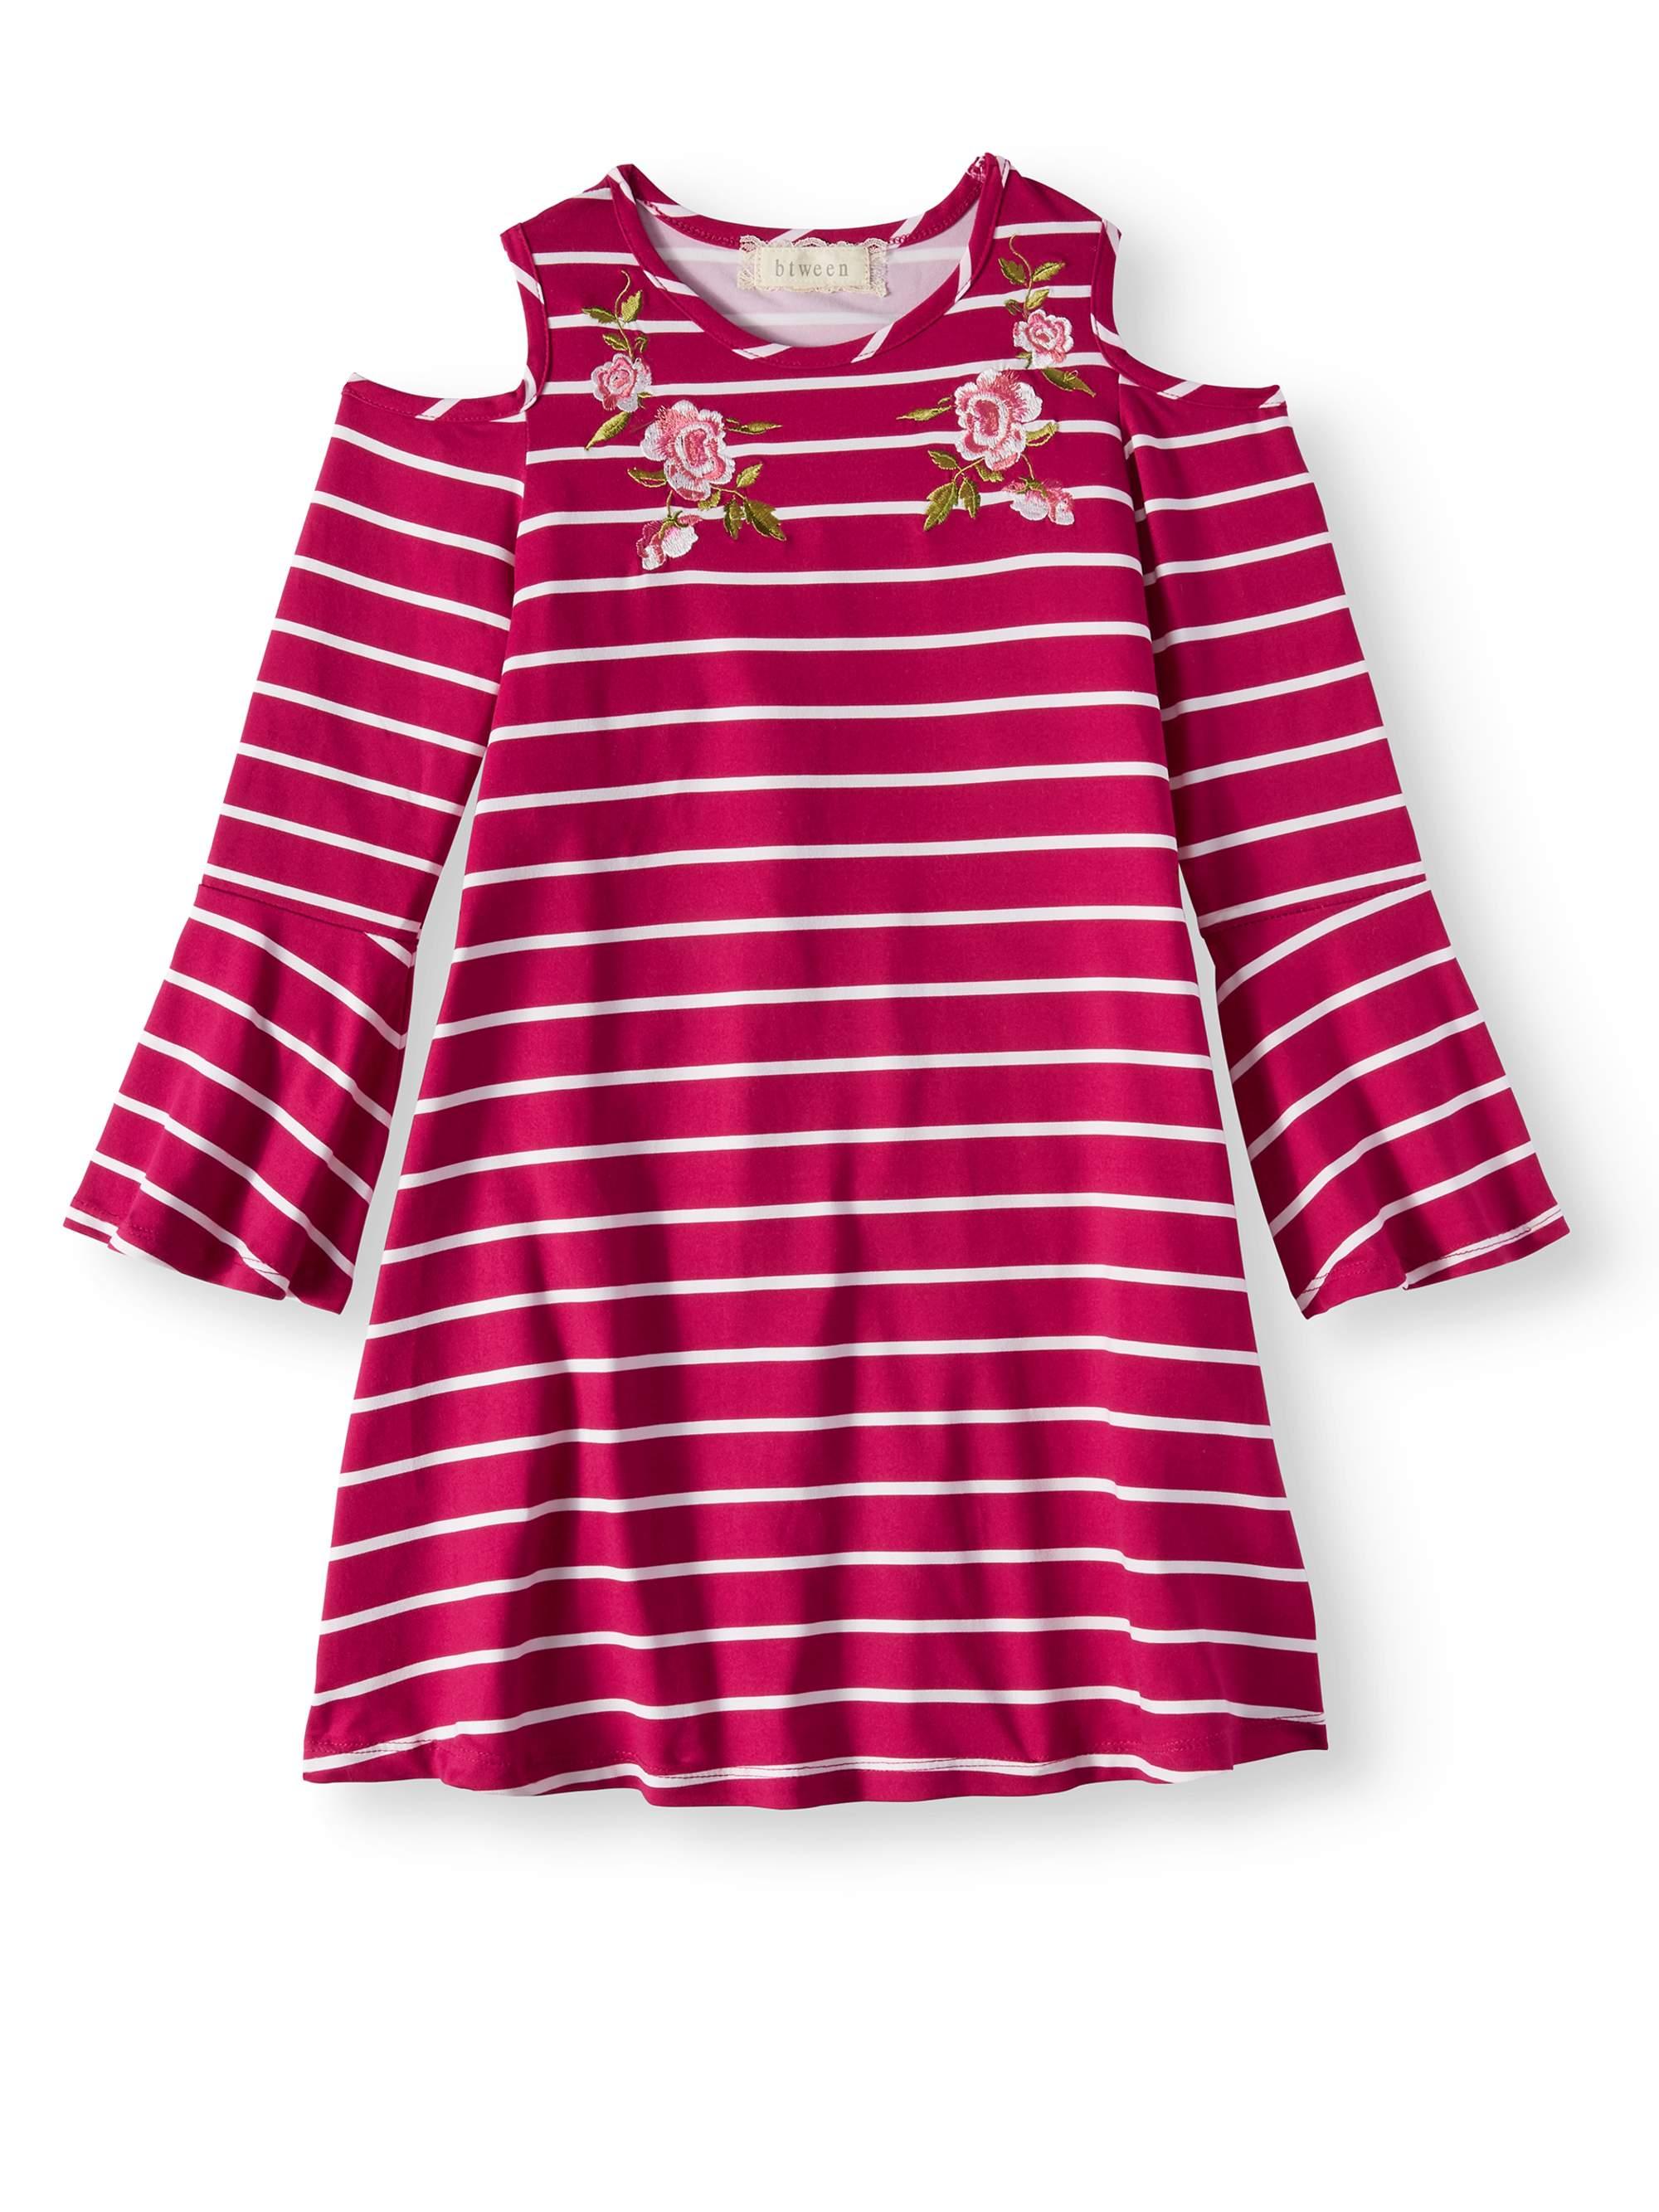 Big Girls' Embroidered Striped Cold Shoulder Dress